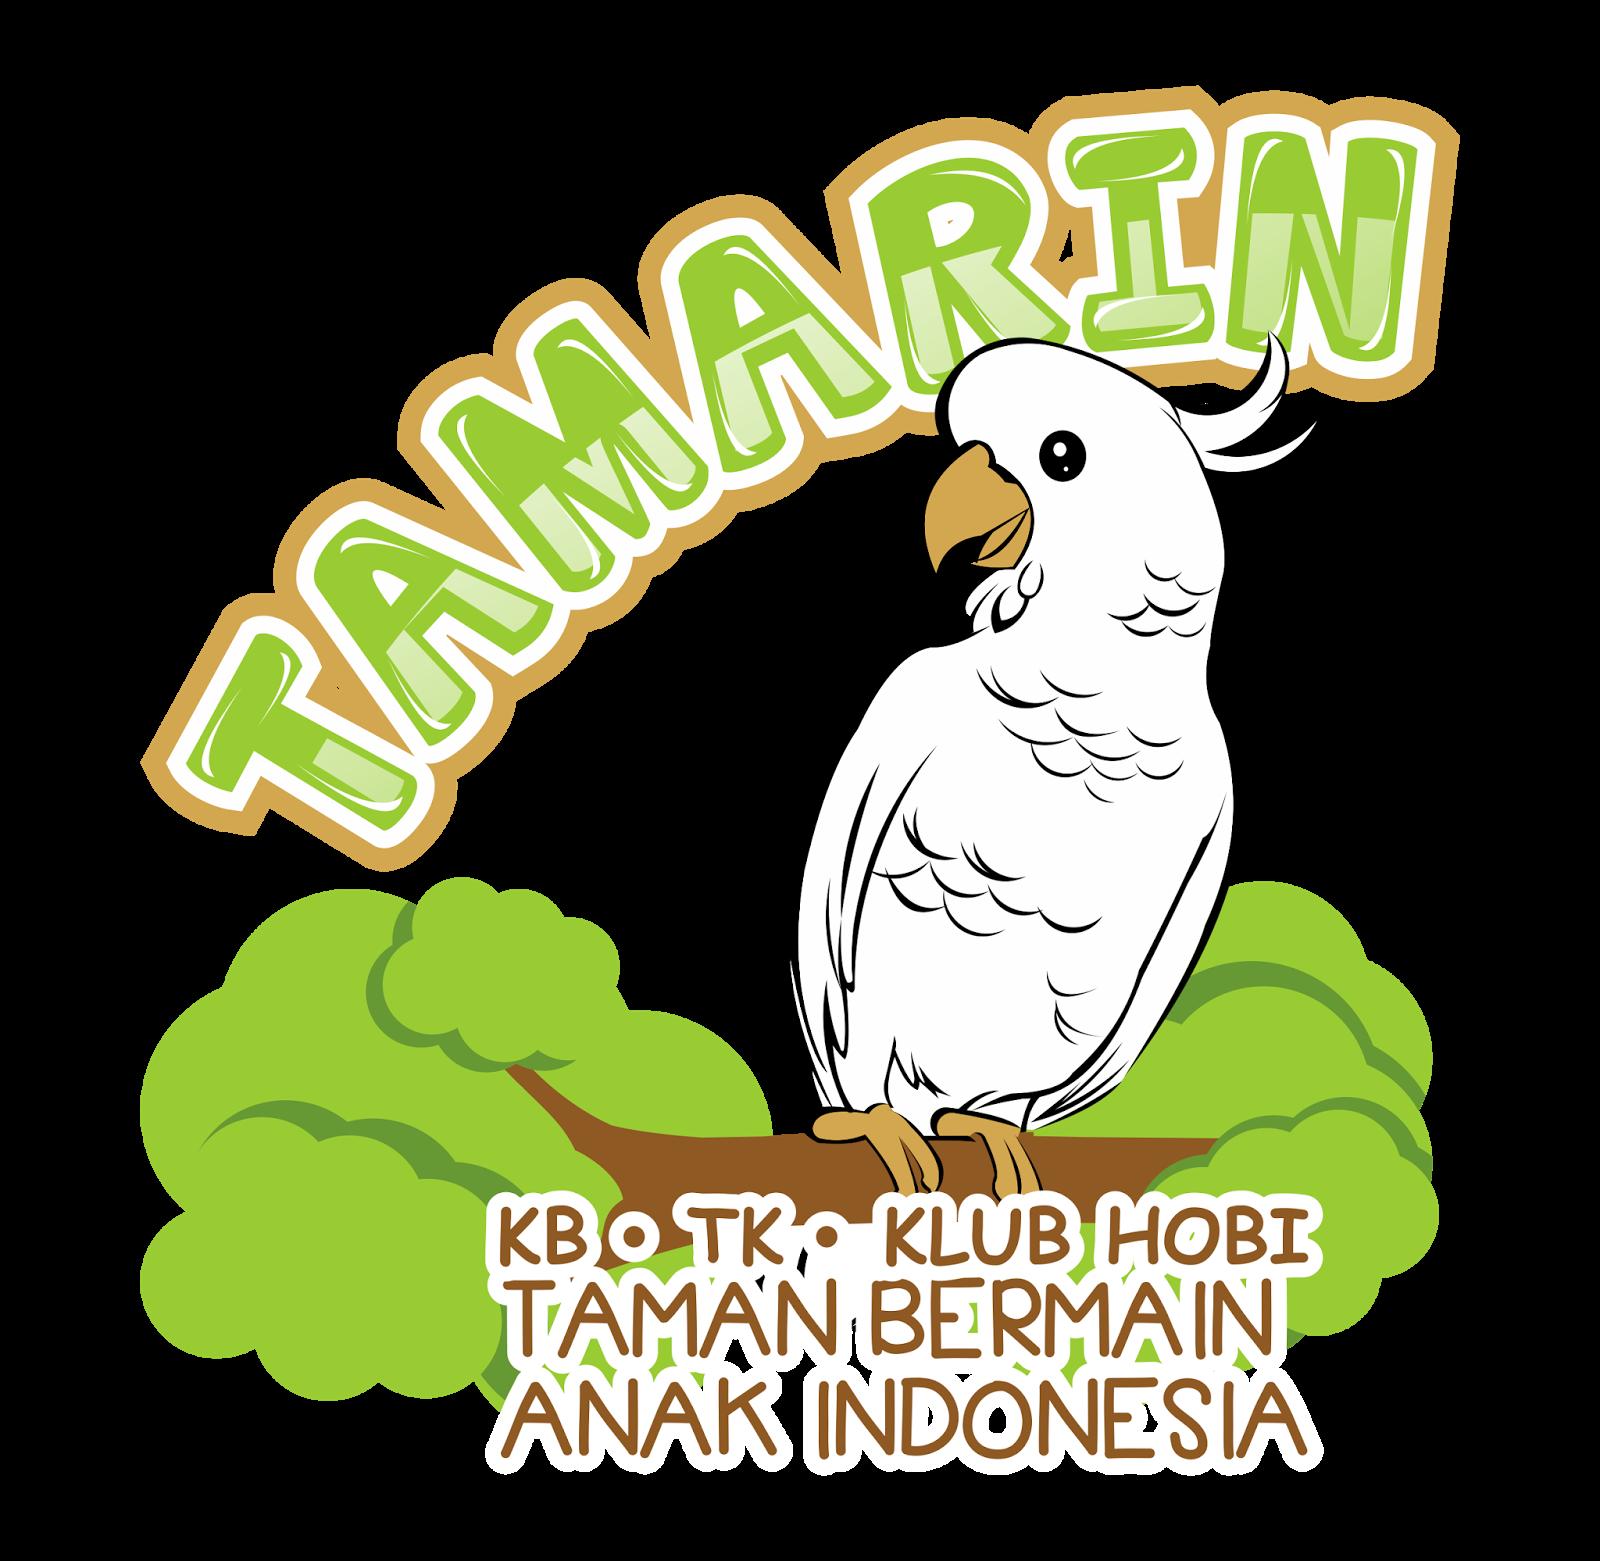 Lowongan Kerja di Taman Bermain Anak Indonesia – Yogyakarta (Pendamping Guru dan Bagian Informasi & Administrasi)